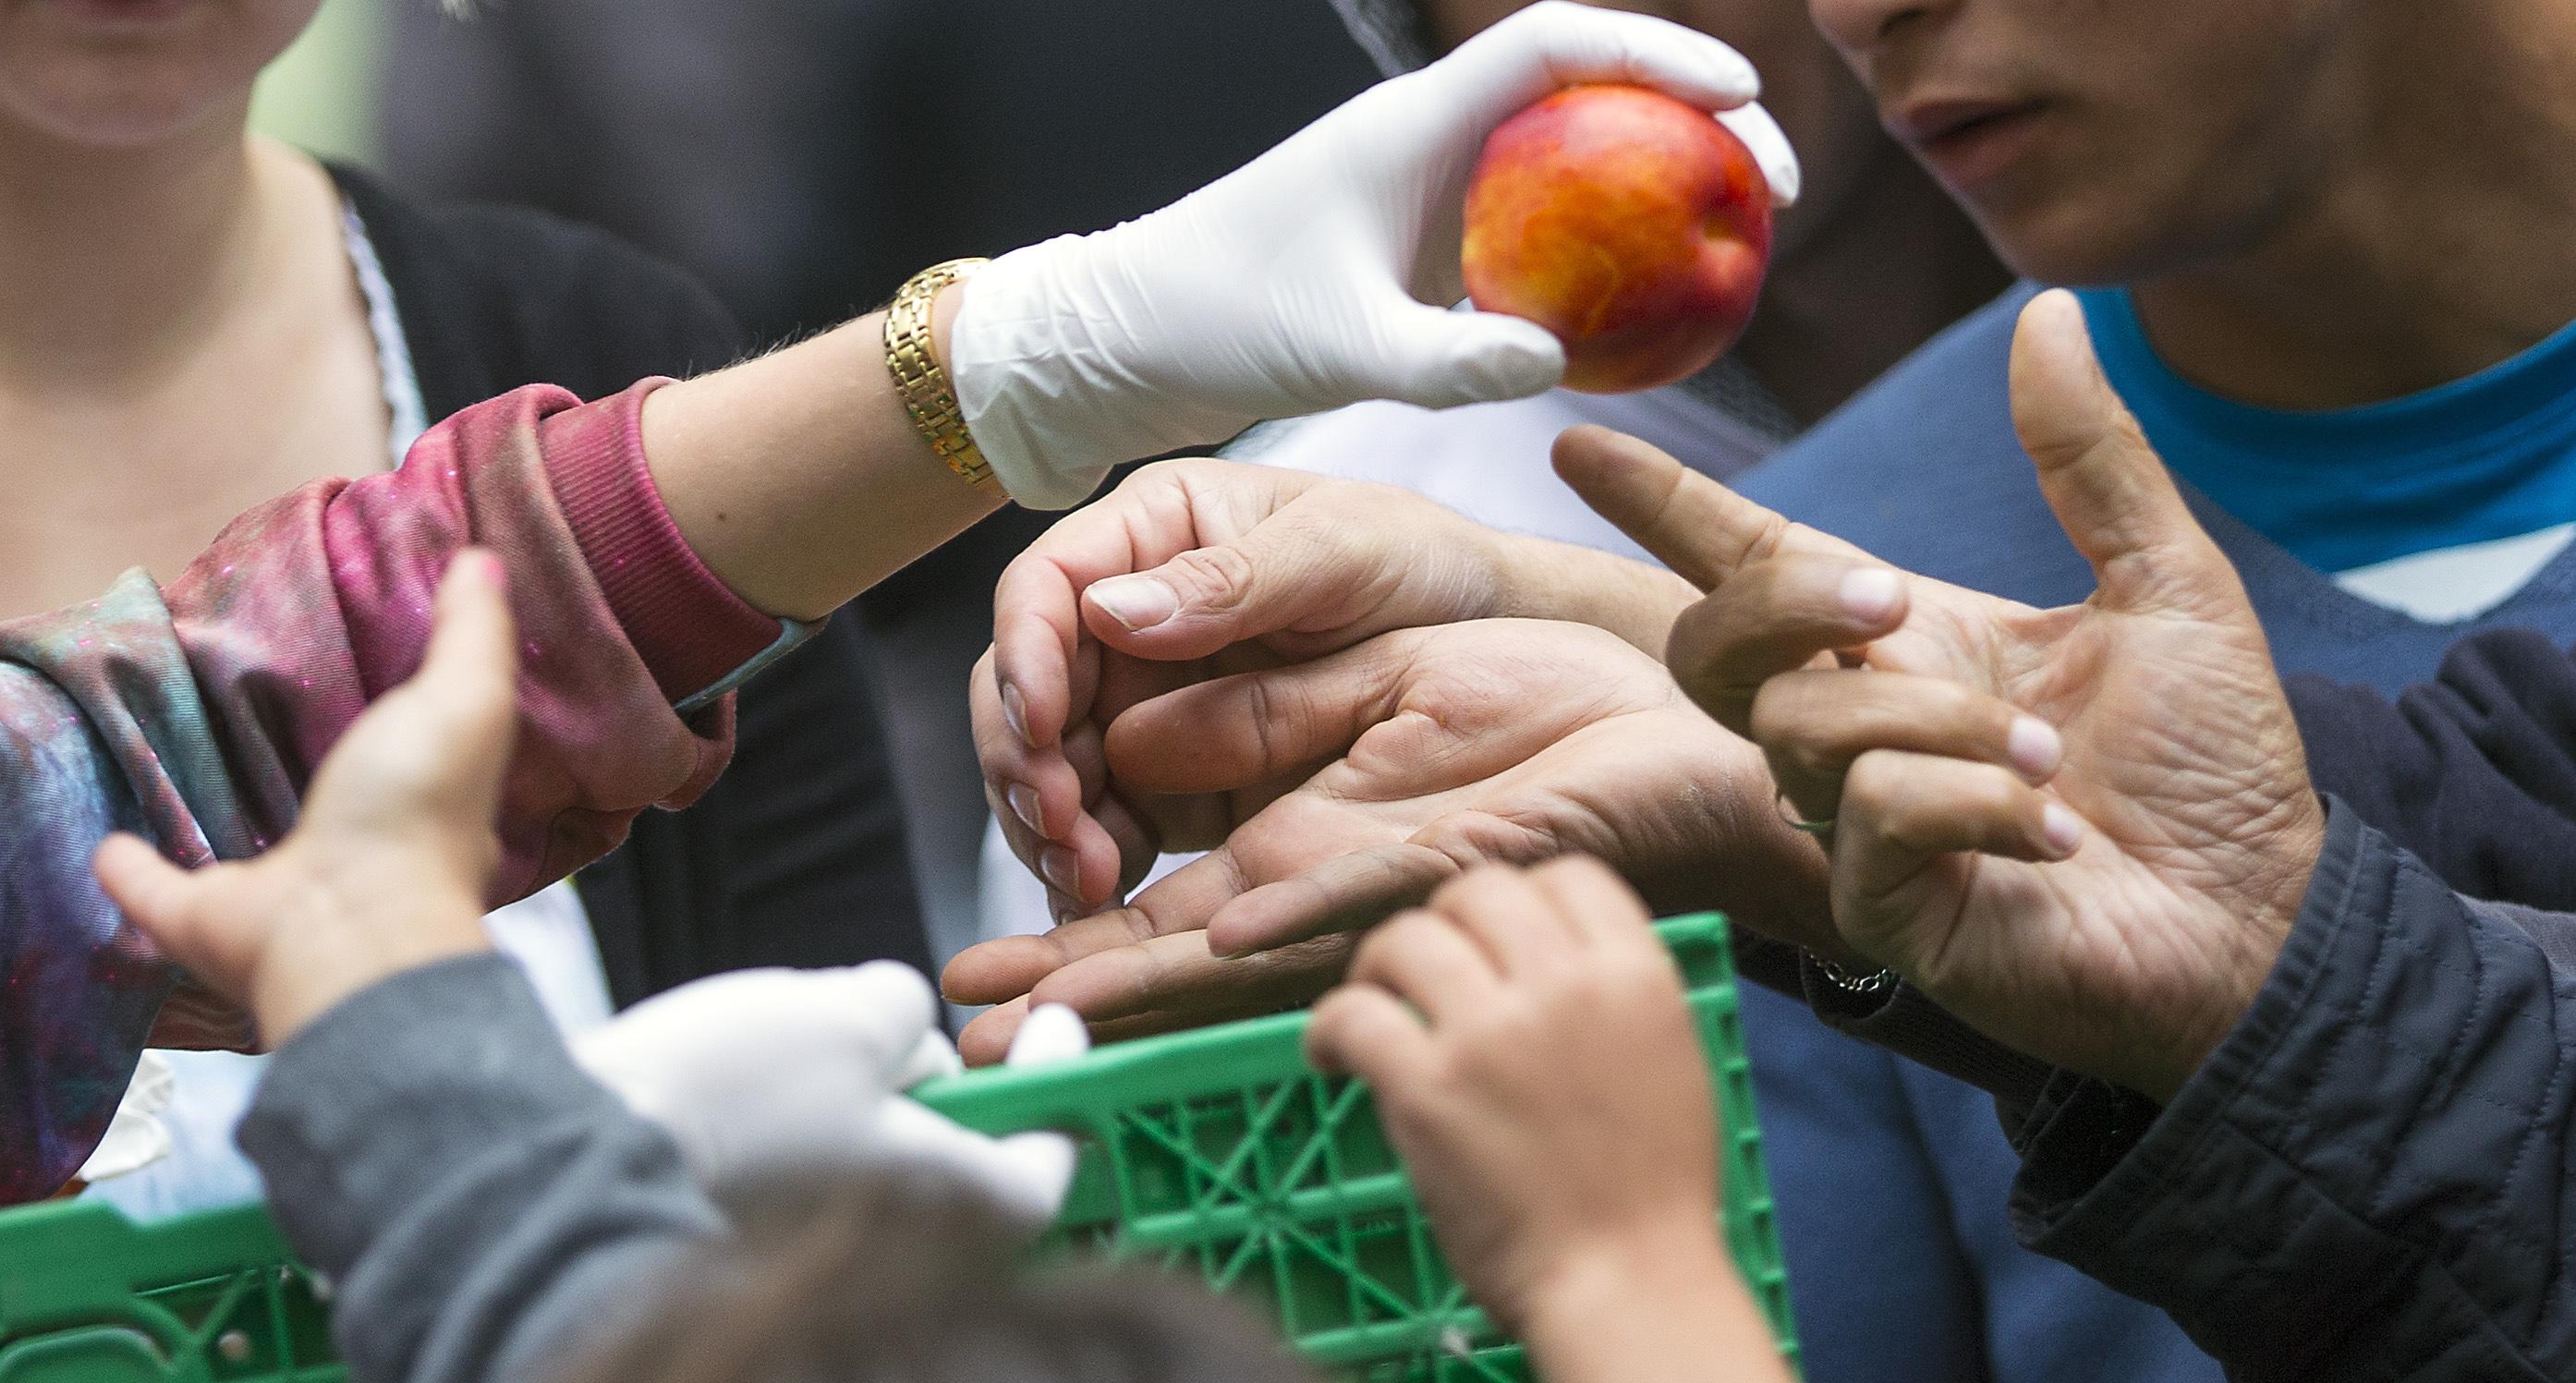 Фото овощей и фруктов в жопах у девушек 24 фотография